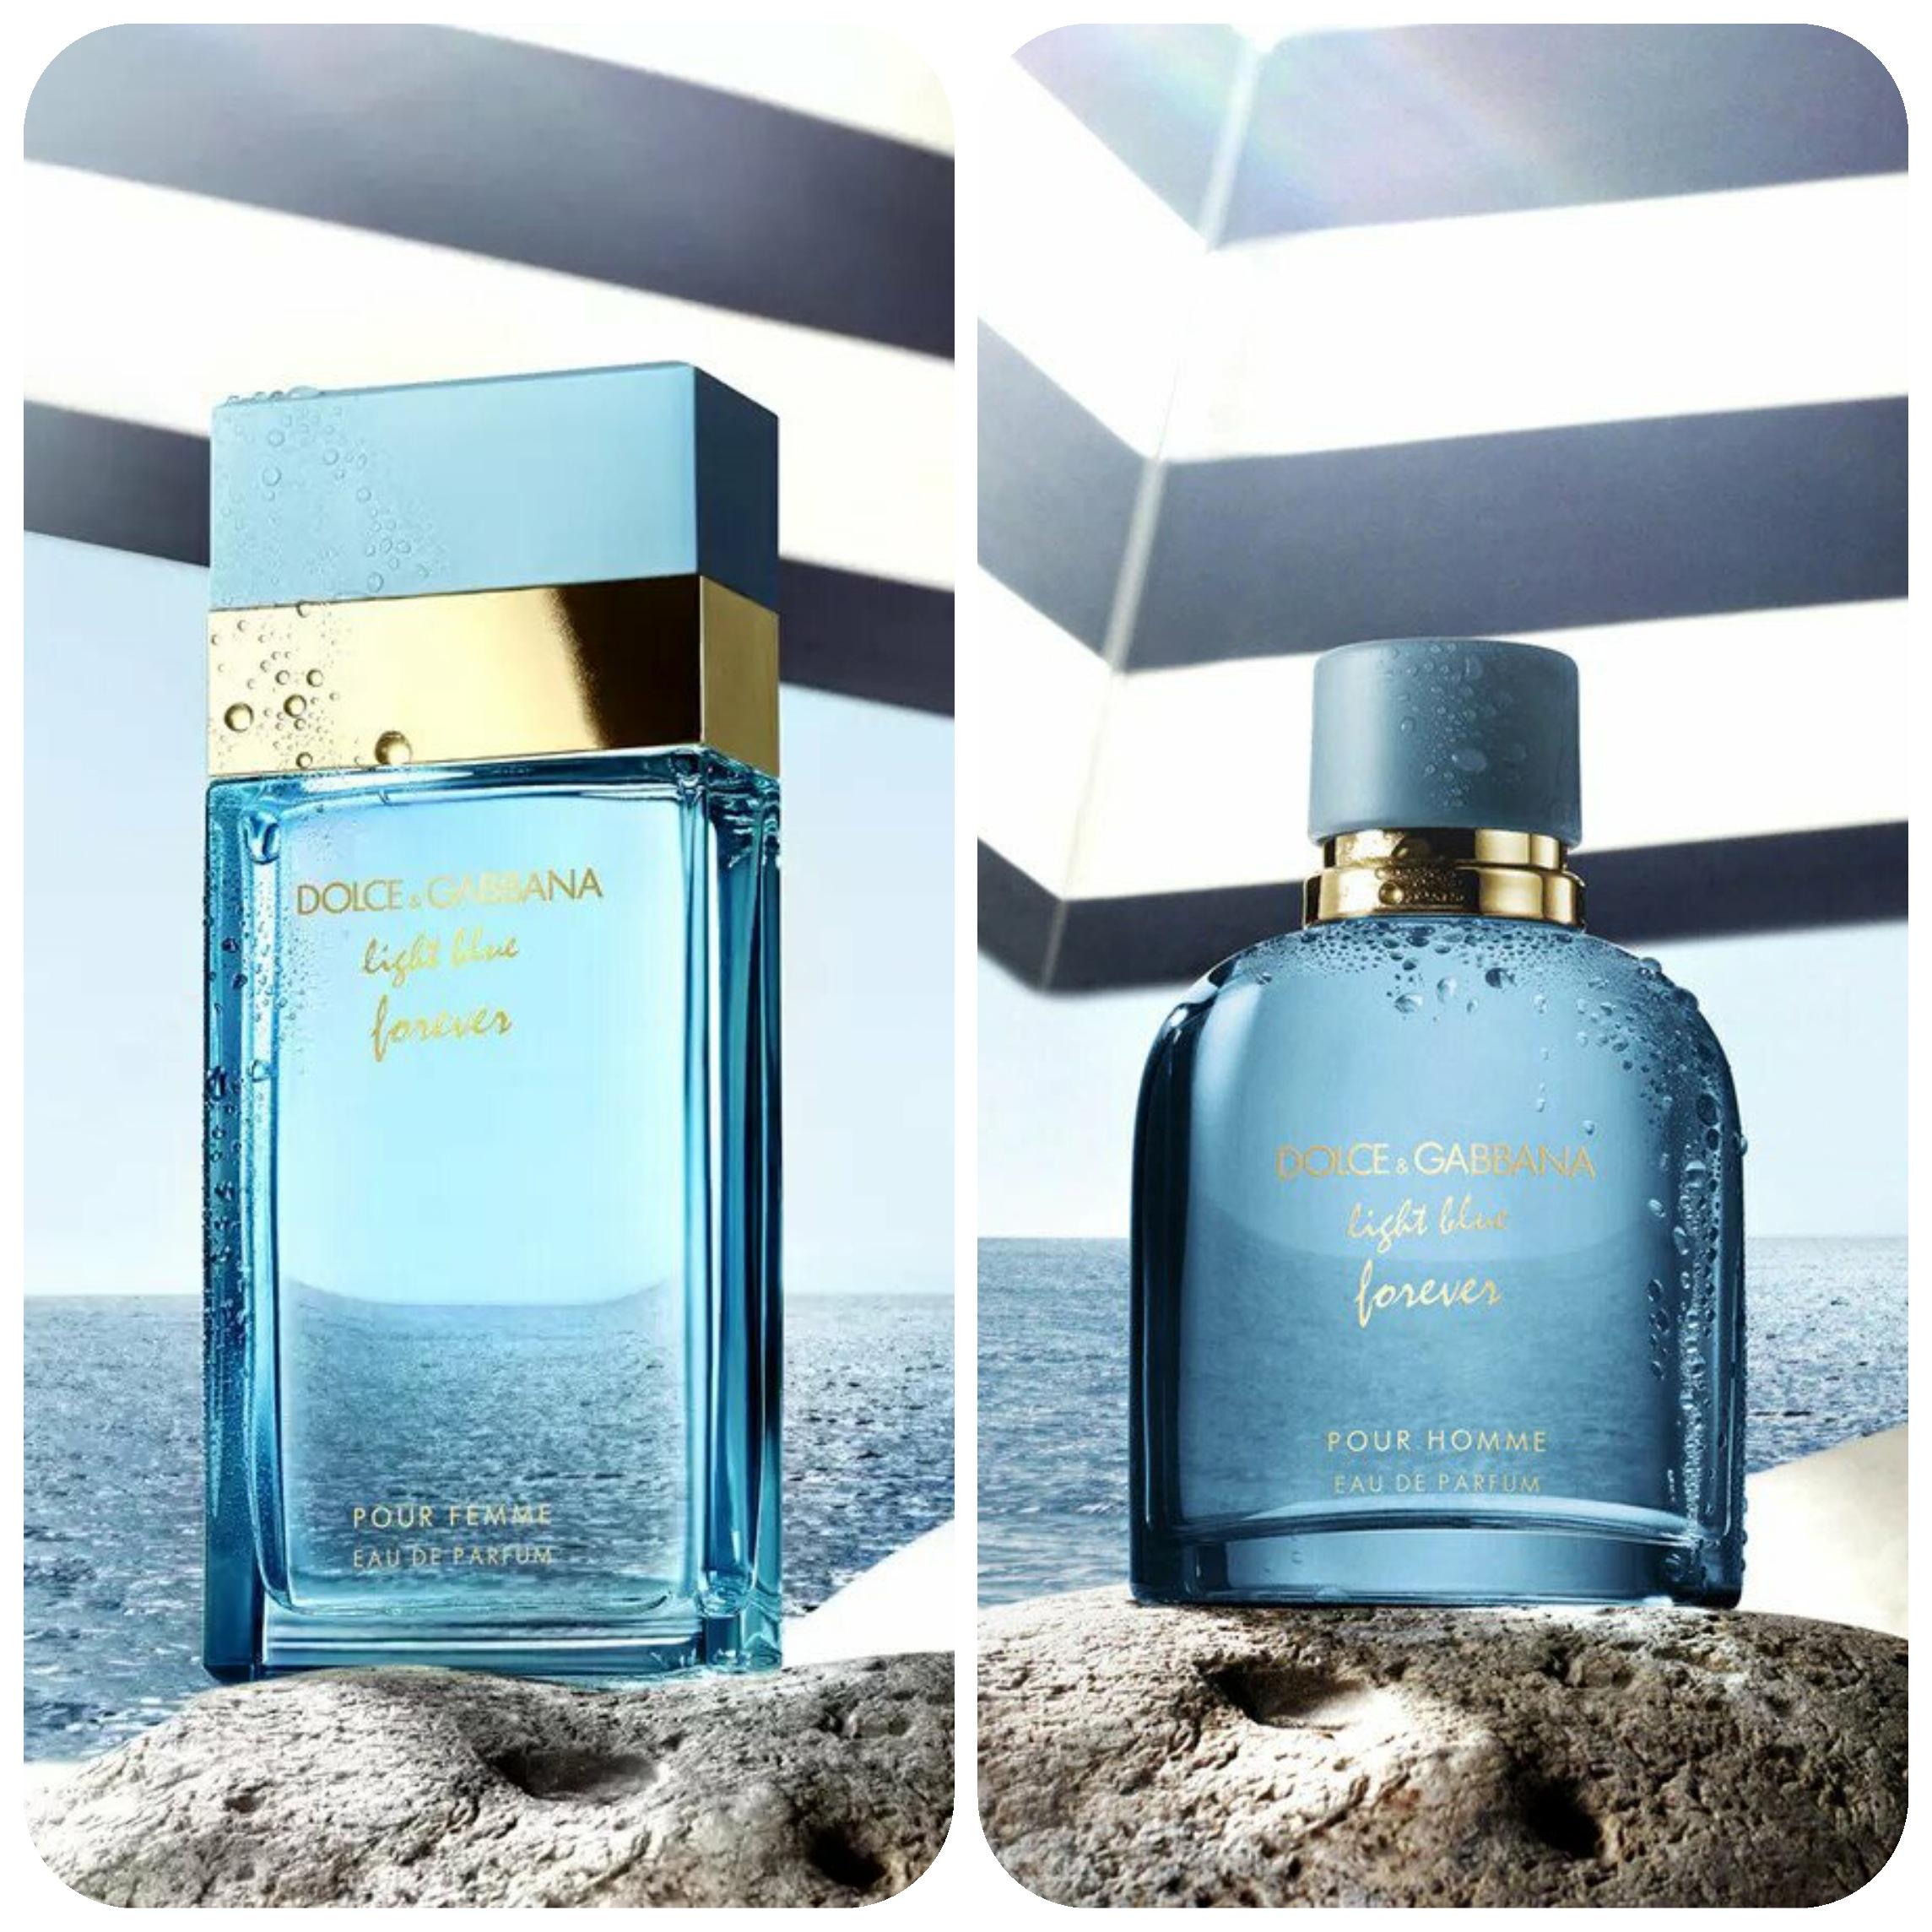 عطور دولتشي آند غابانا الجديدة لصيف 2021 Light Blue Forever Pour Homme and Pour Femma